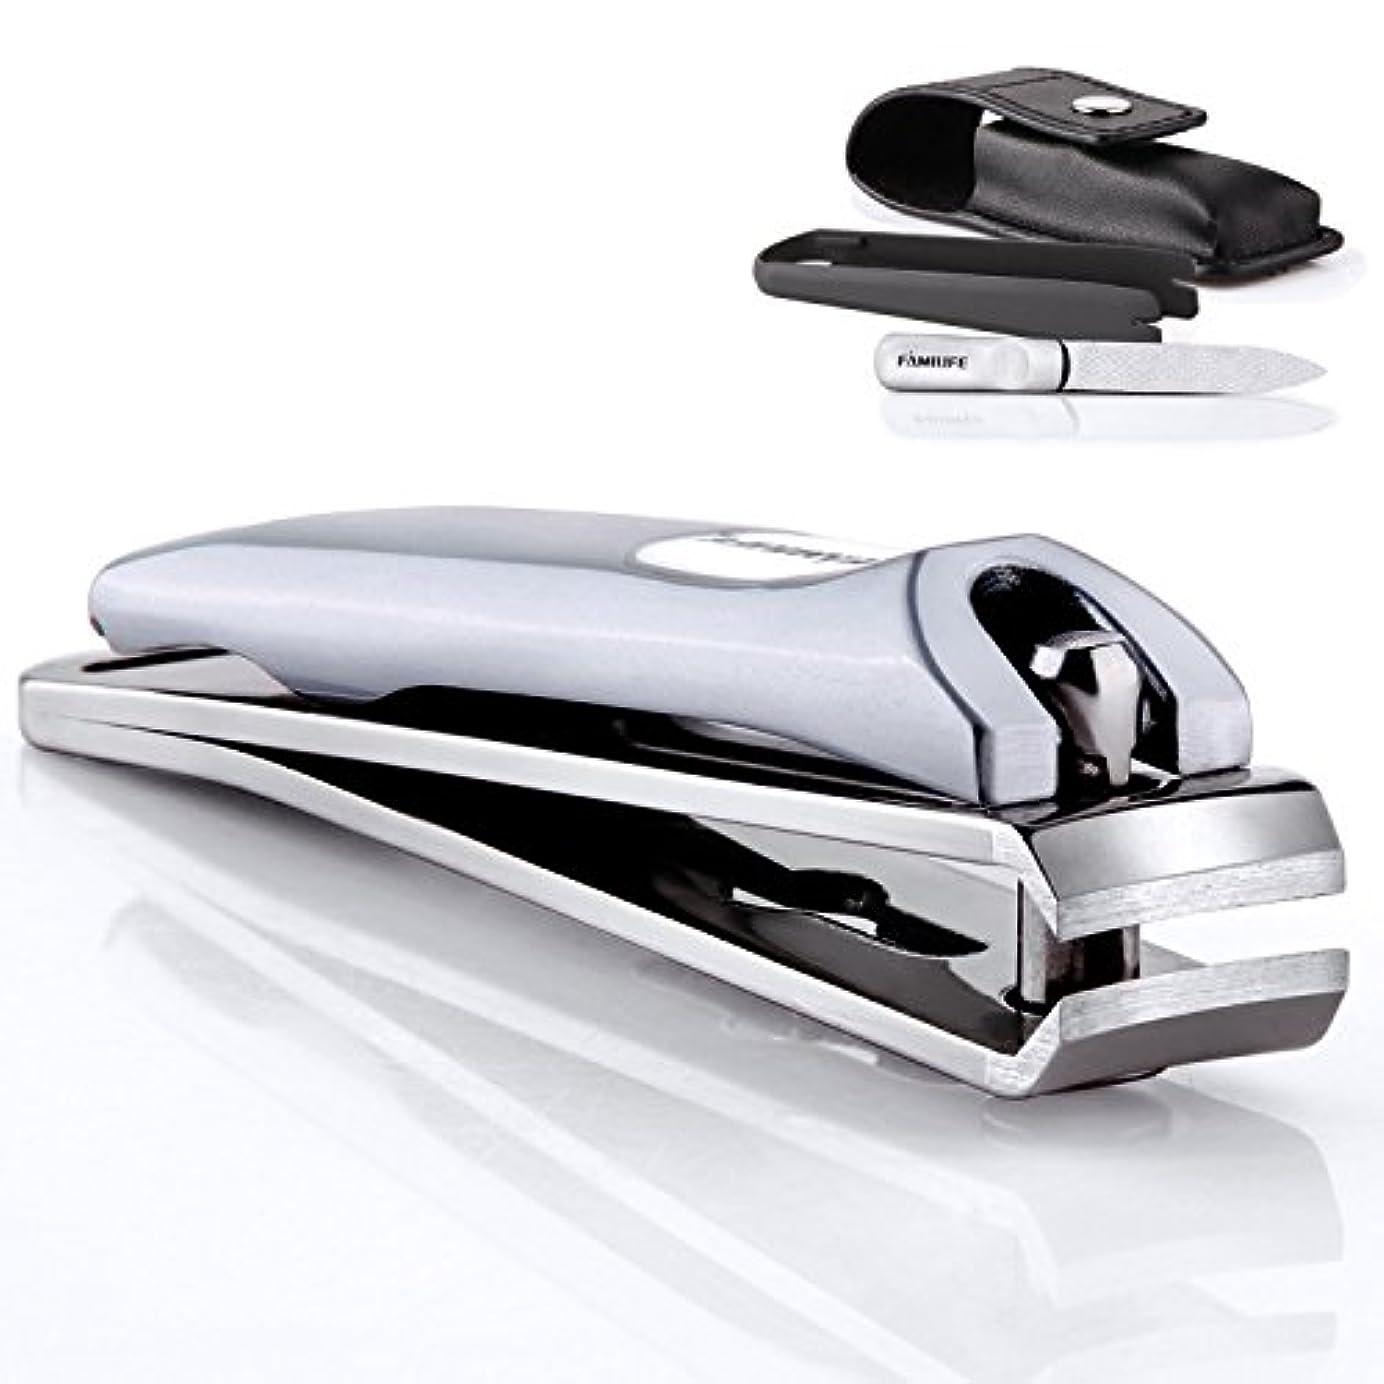 透ける冷ややかな失効FAMILIFE 爪切り 爪やすり ステンレス製高級 握りやすい飛びにくい レザーポーチ付き